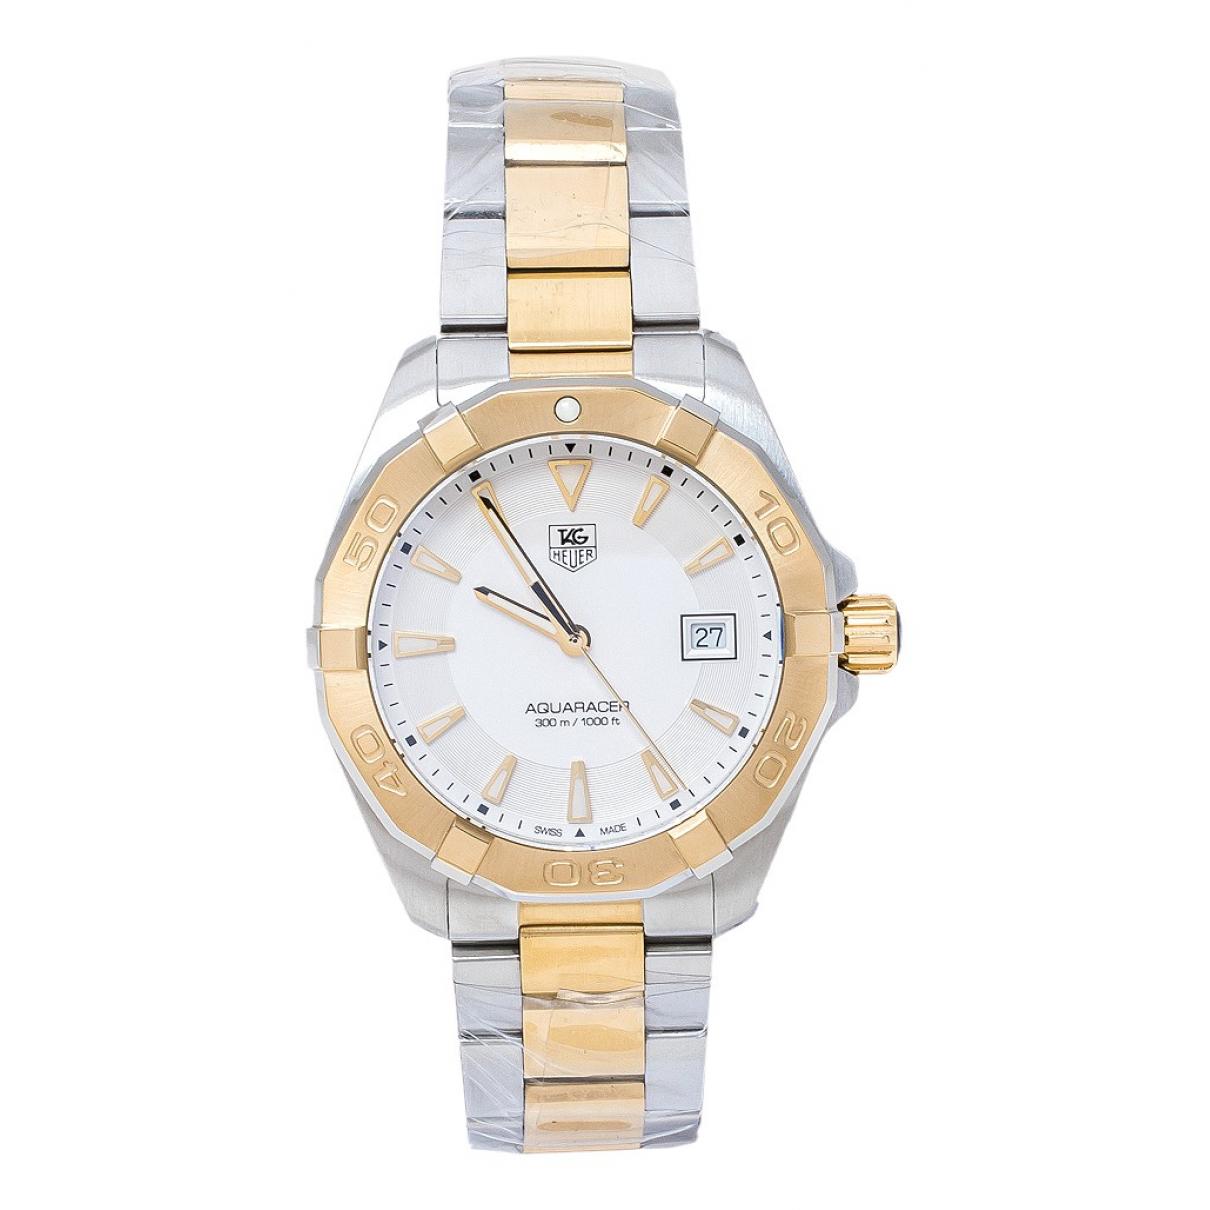 Tag Heuer Aquaracer  Uhr in  Silber Gold und Stahl